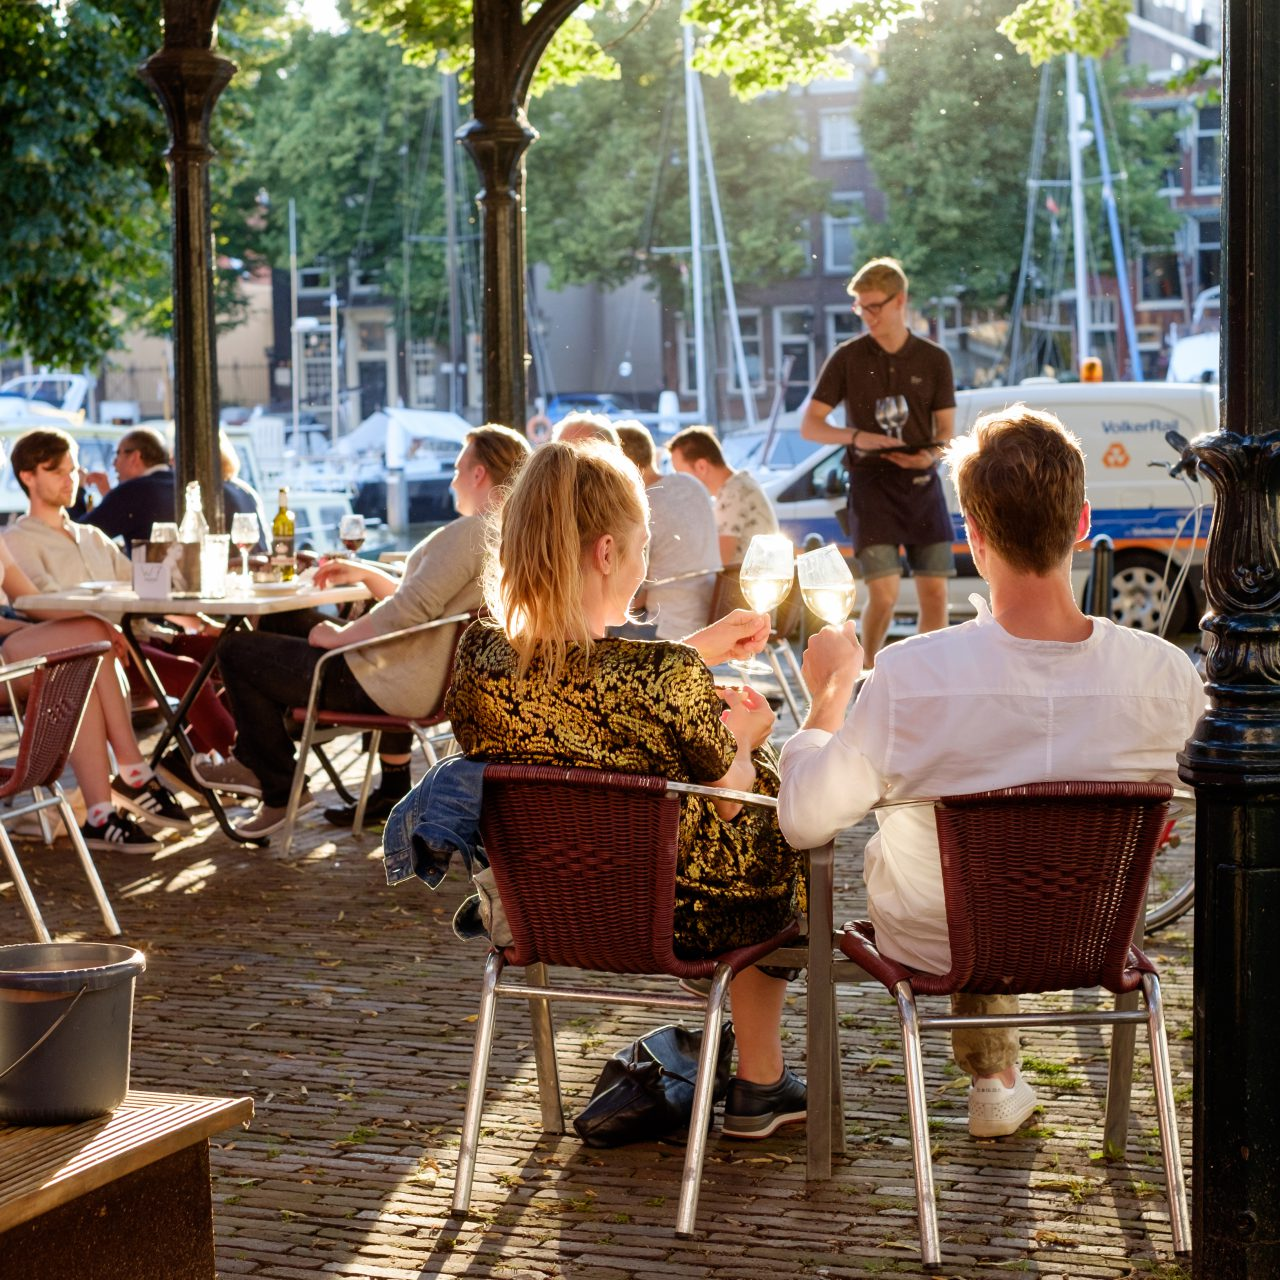 Horeca-Dordrecht-toerisme-eten-en-drinken-Vismarkt-Nieuwe-Haven-Otto-e-Mezzo-terras-wijn